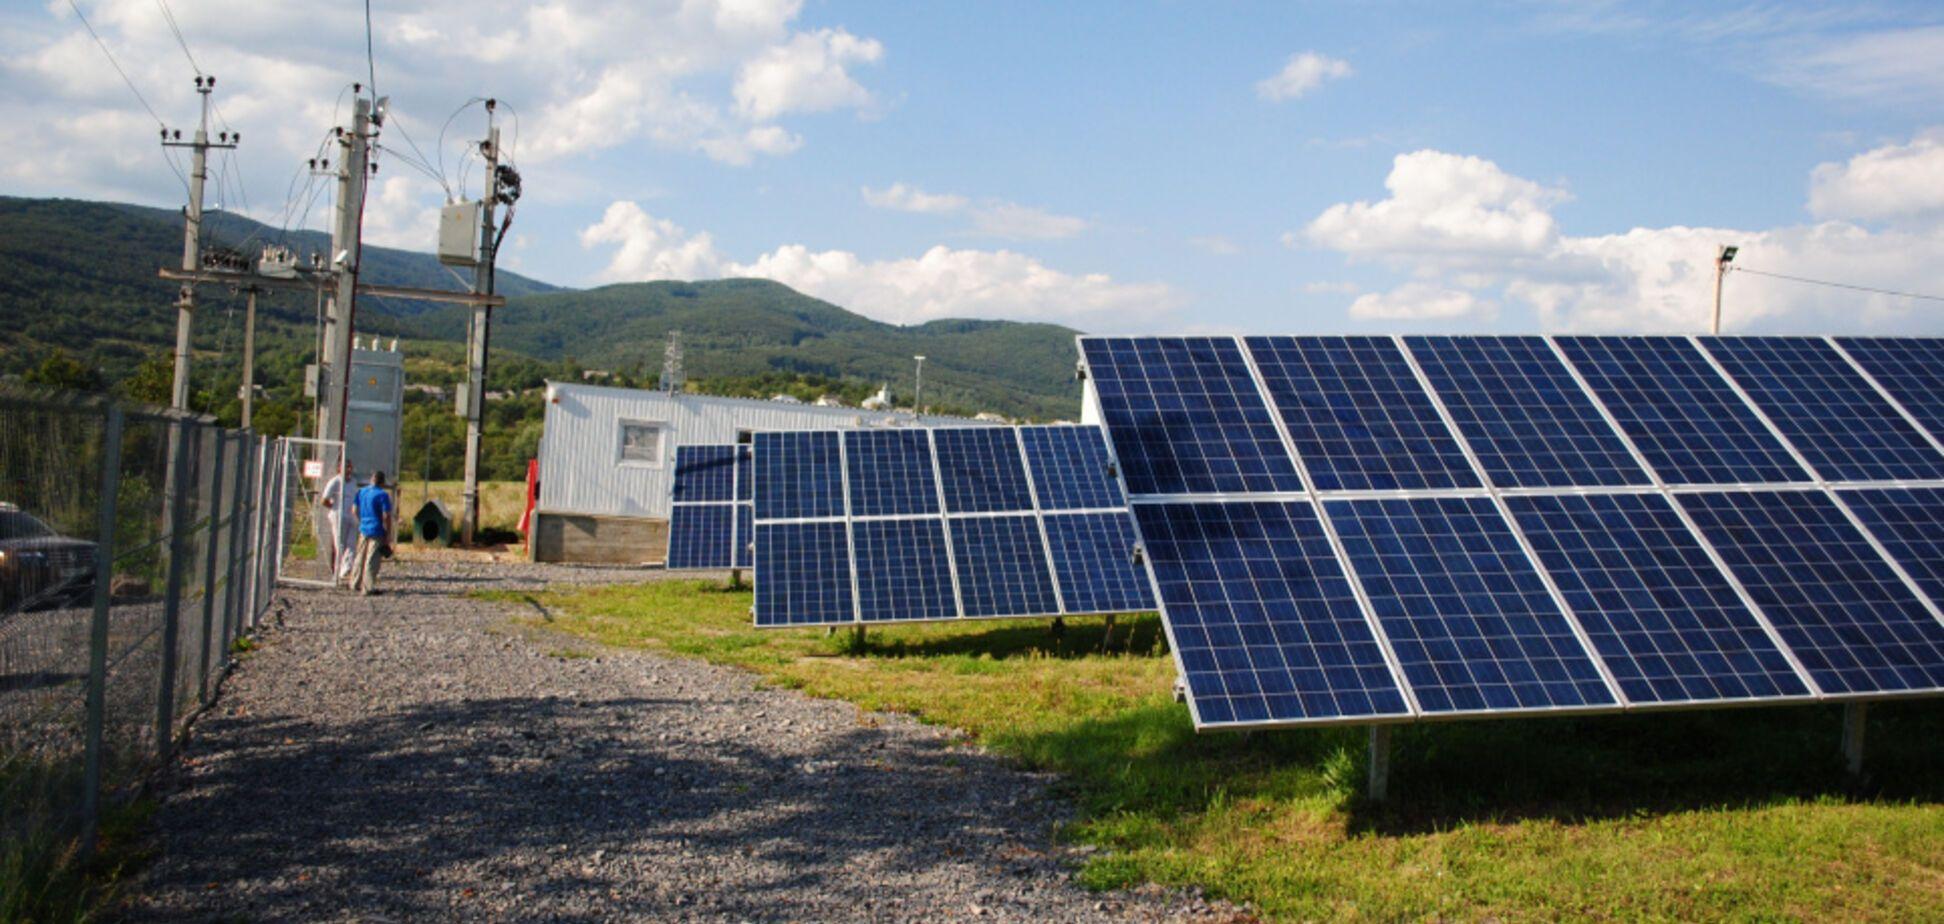 Зеленский должен взять под контроль выплату долгов 'зеленым' инвесторам – АТП